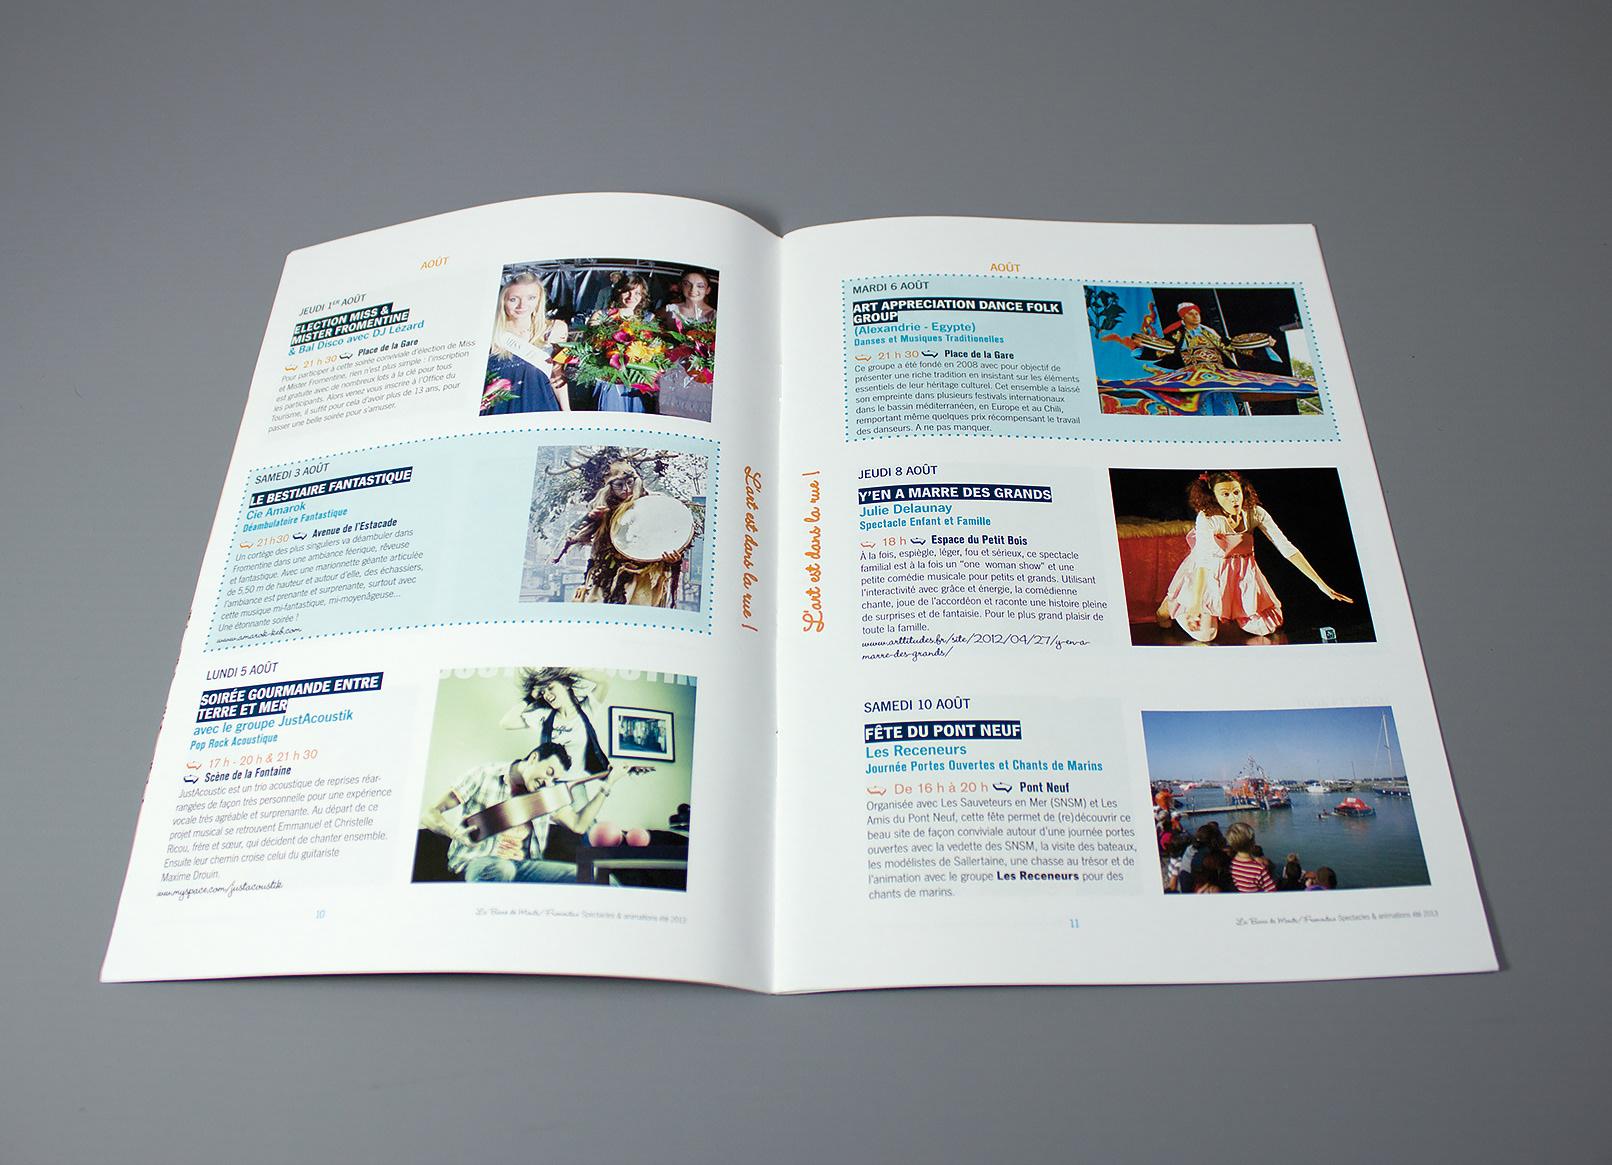 Enveloppe A5 Carte De Correspondance100x210mm Horaires Des Marees A6 Depliant Plan La Ville Guide Pratique 100x210mm Cartes Visite